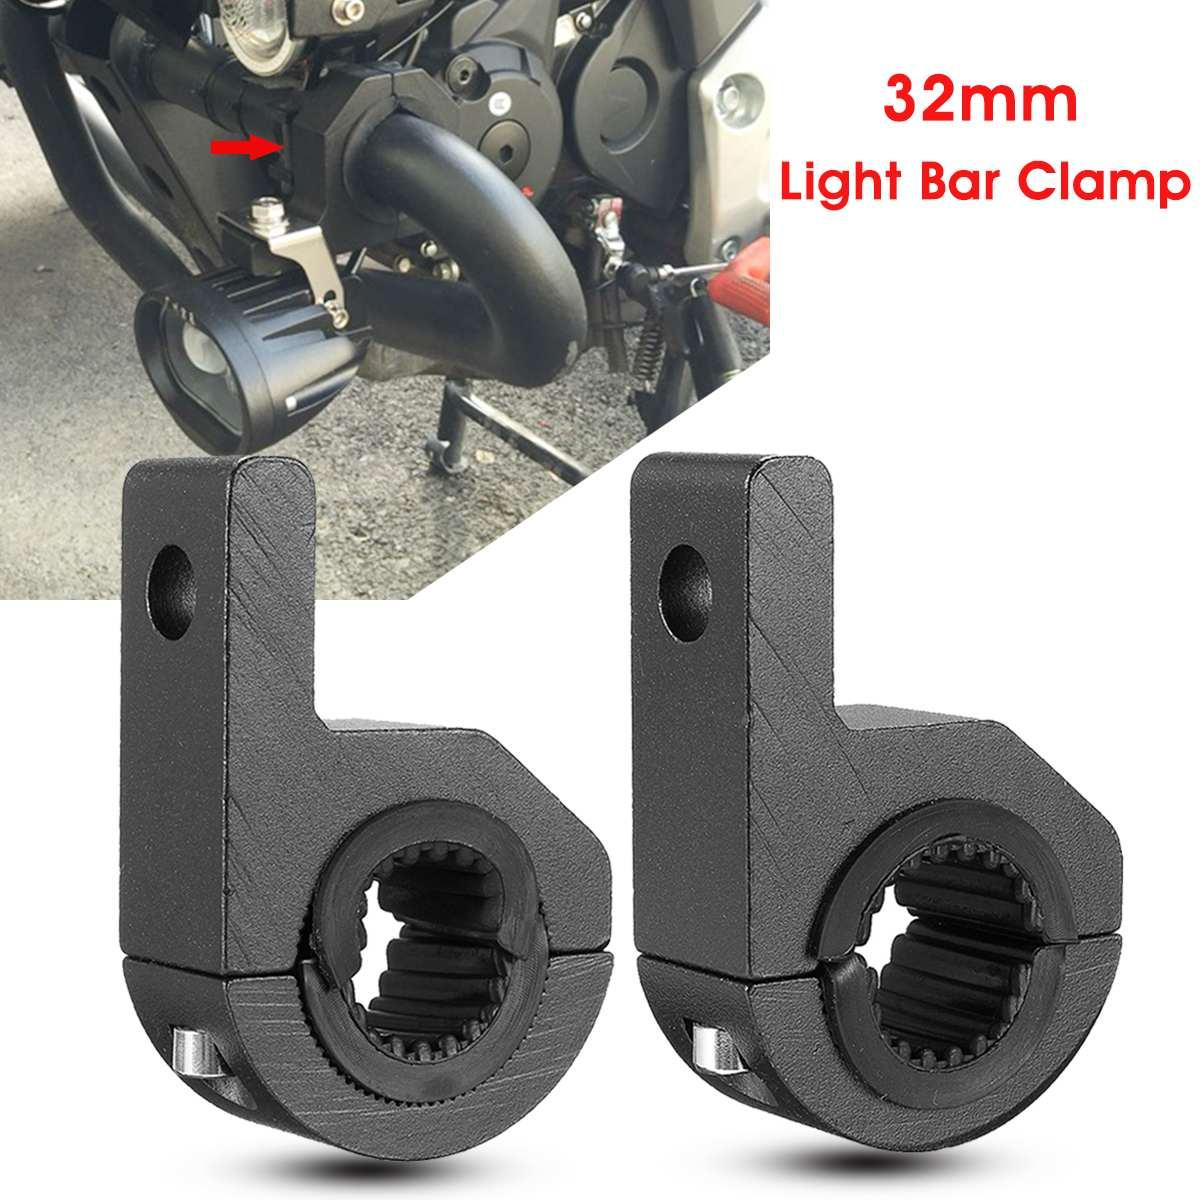 Pair-LED-Light-Bar-Mount-Brackets-25-32mm-Fog-Lamp-Driving-Light-Spotlight-Holder-Clamps-Universal